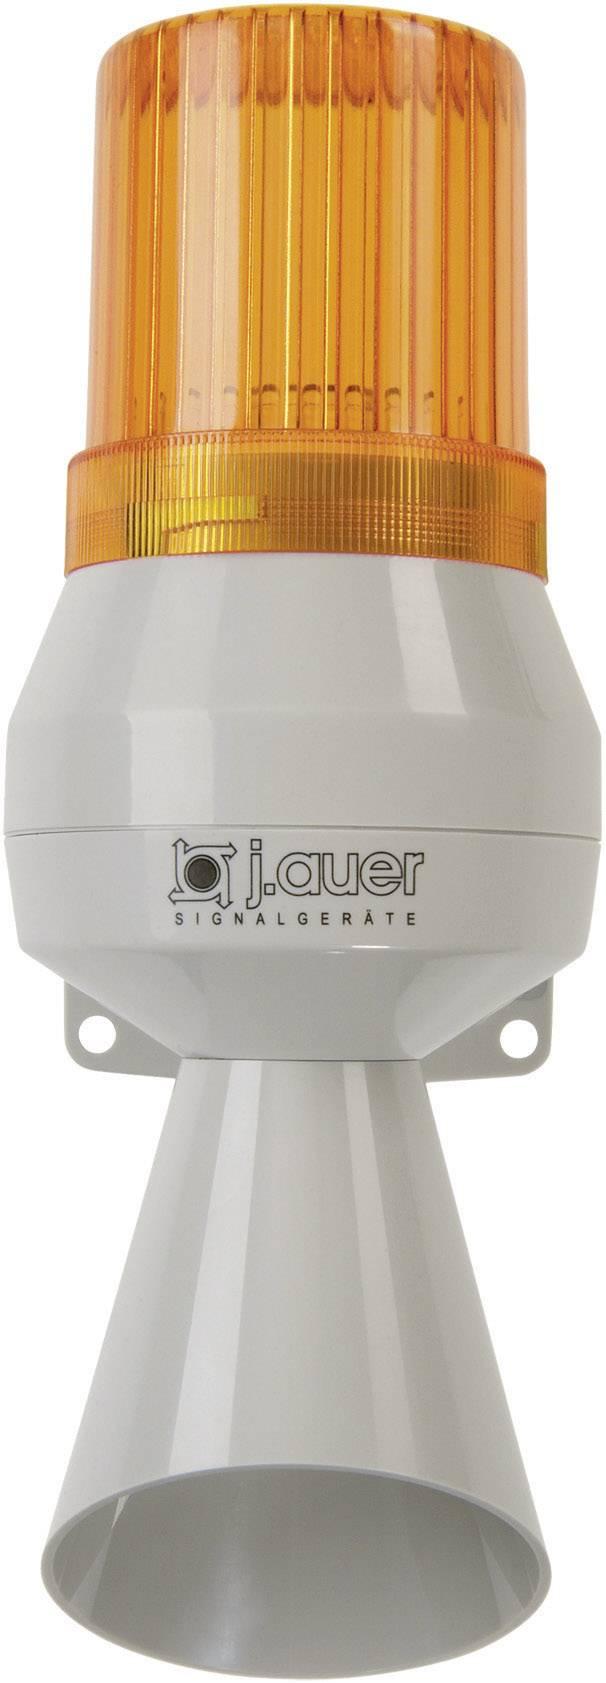 """""""kombinované signalizačné zariadenie Auer Signalgeräte 710121113, KLF, oranžová, blikanie, jednotónové, 230 V/AC """""""